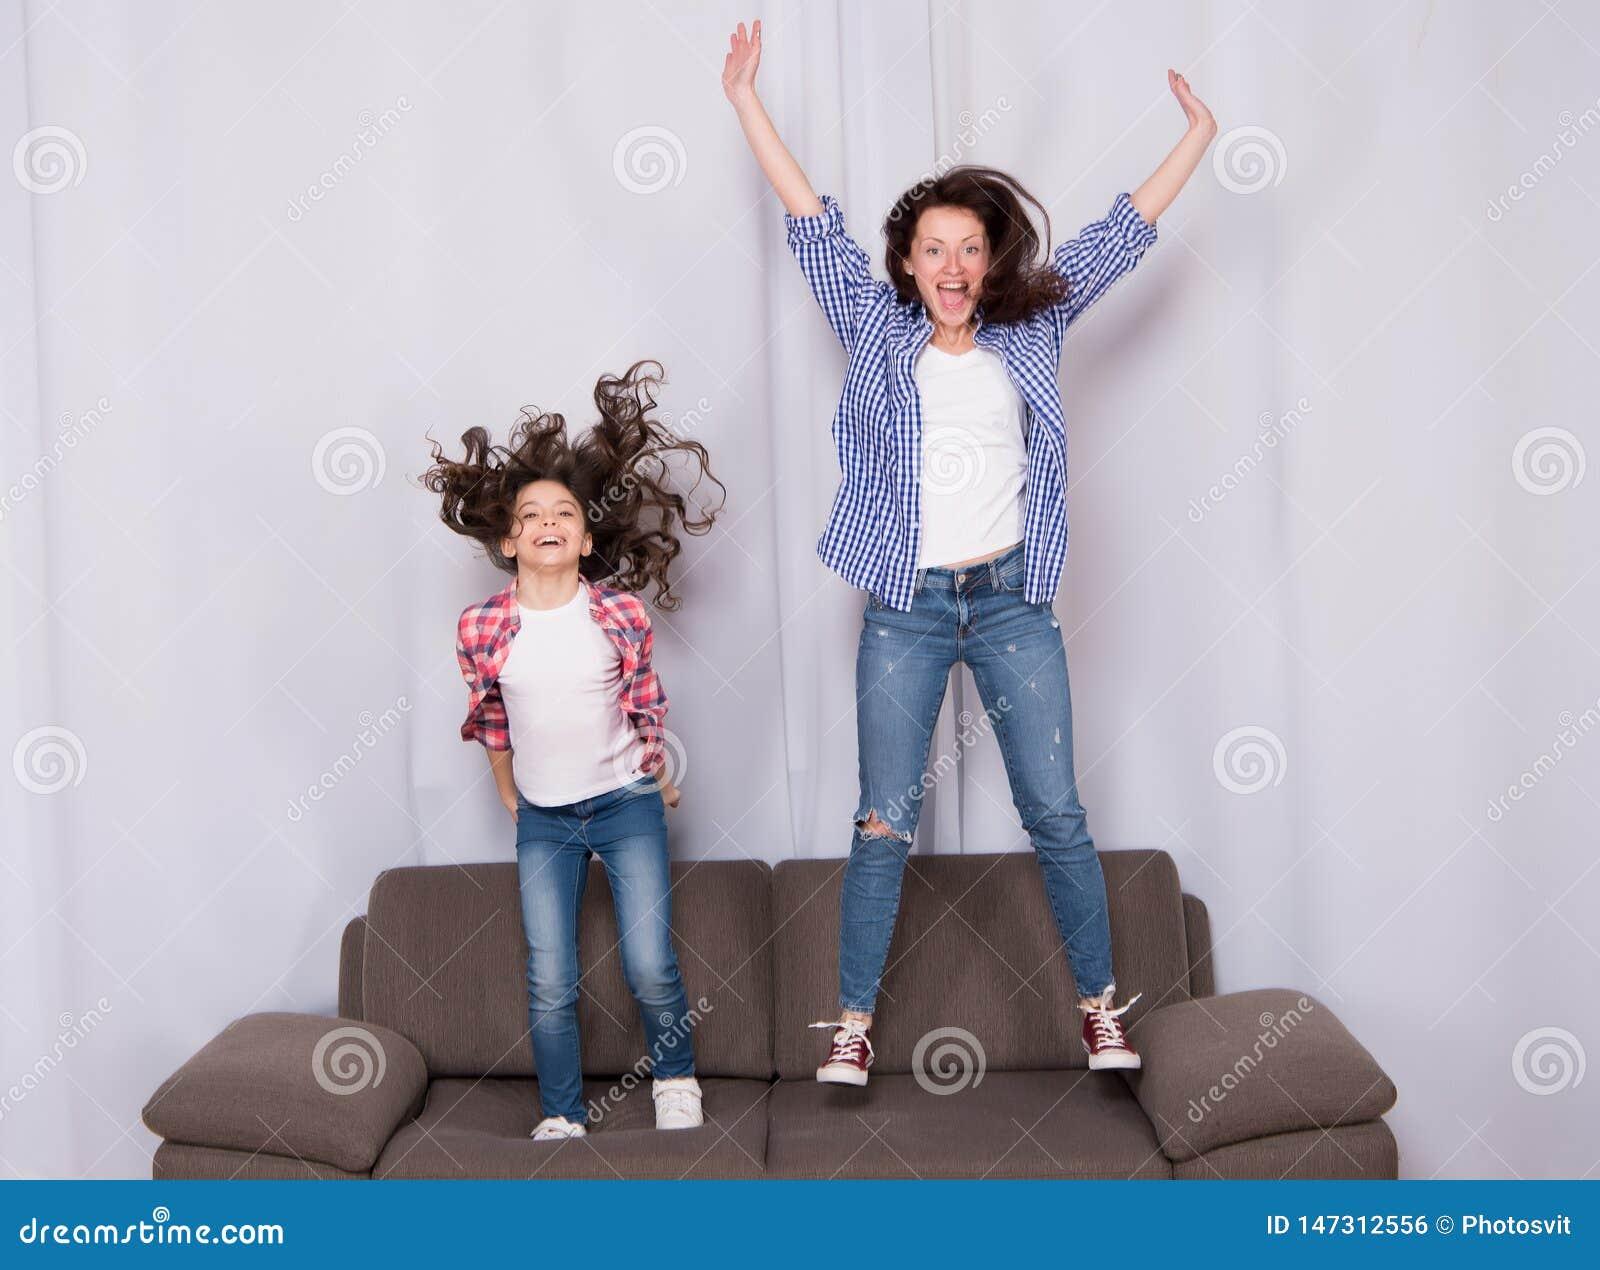 Gelukkige familie het vieren moedersdag Gelukkige moeder en dochter die op bank springen Moeder en kind die van gelukkige moeders